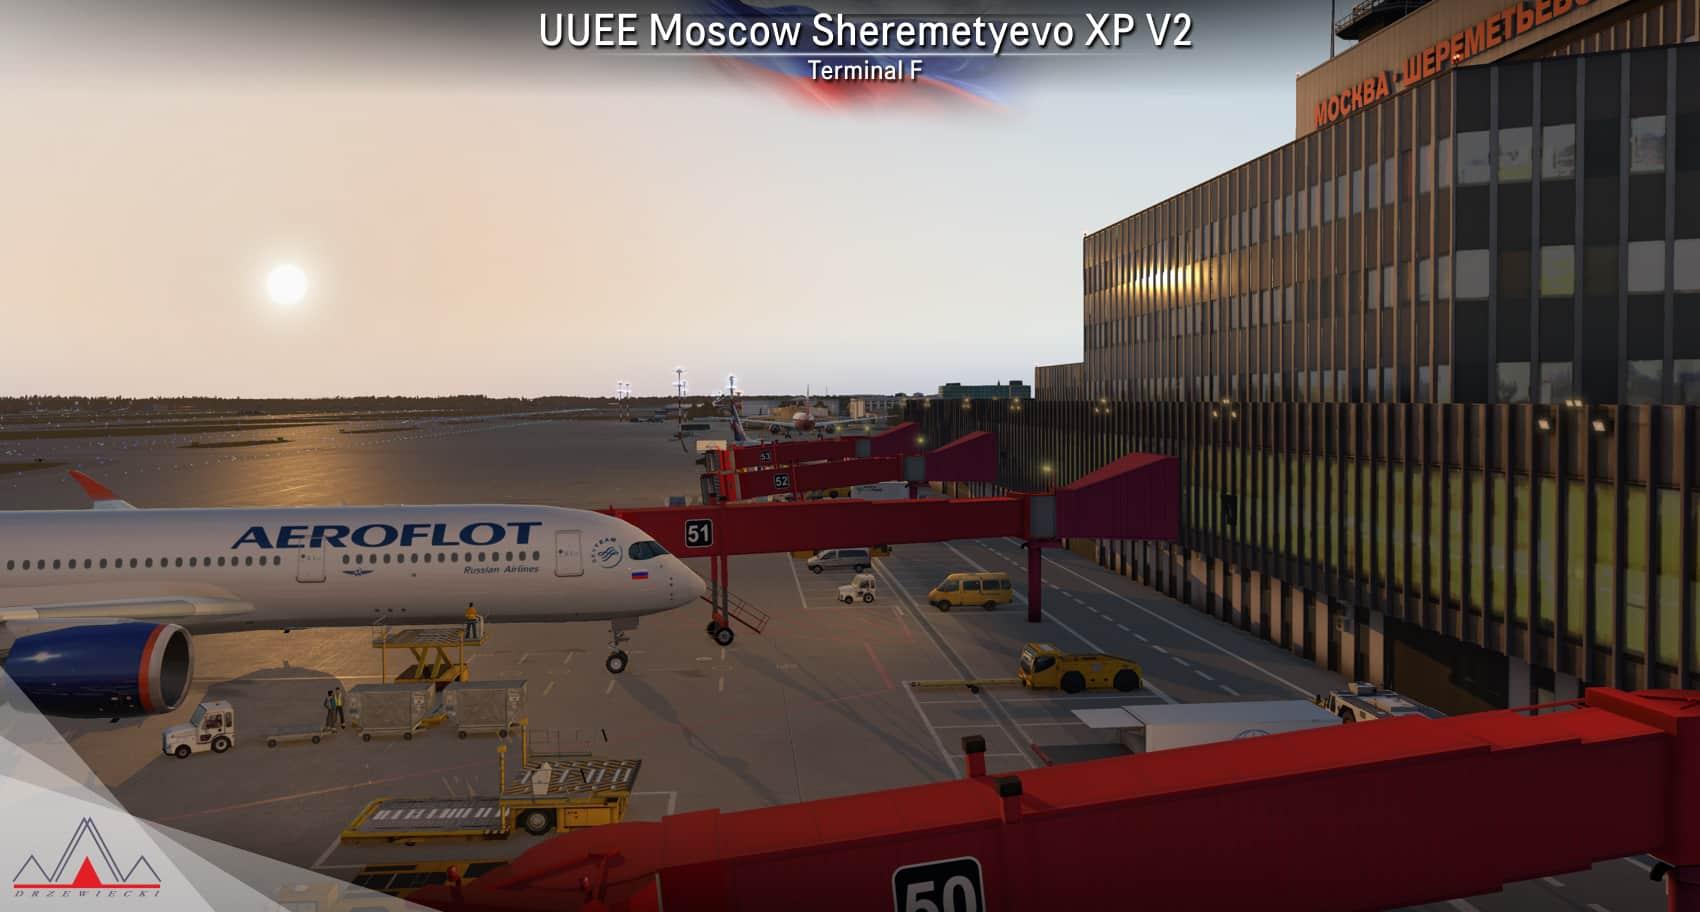 Drzewiecki Design – UUEE Moscow Sheremetyevo XP V2